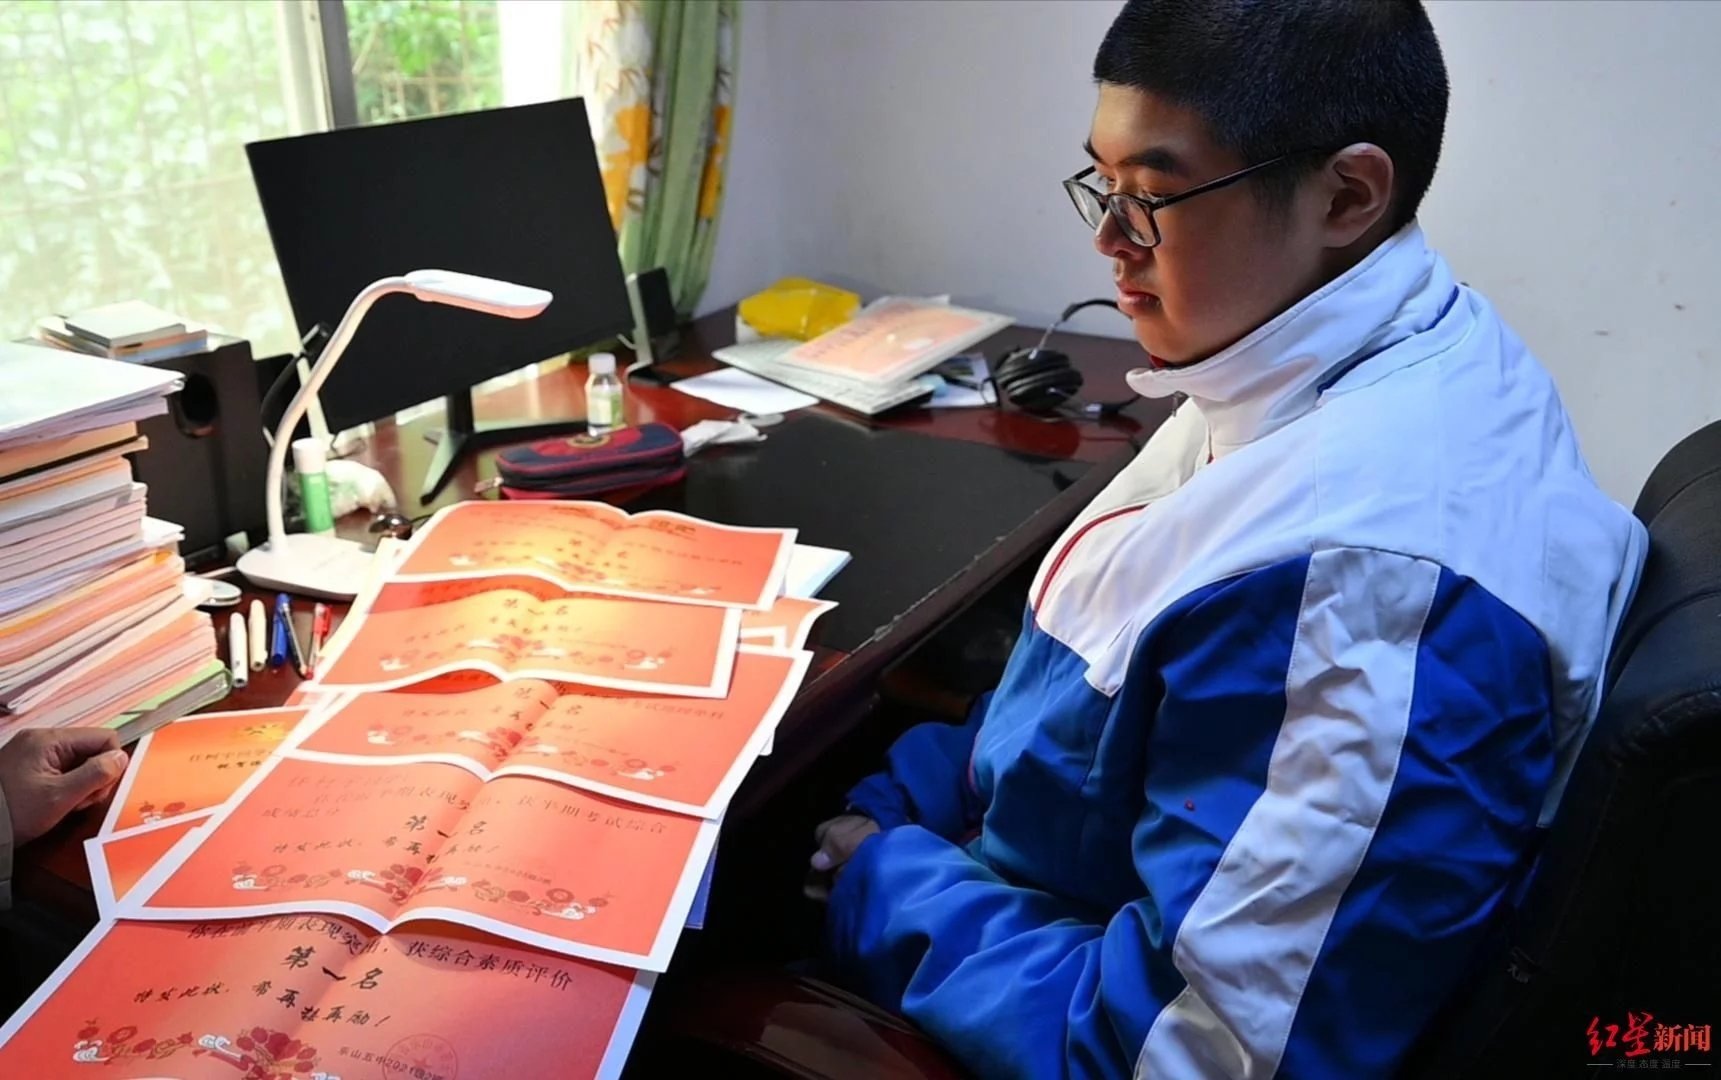 四川乐山14岁男孩高221厘米,挑战最高青少年吉尼斯世界纪录